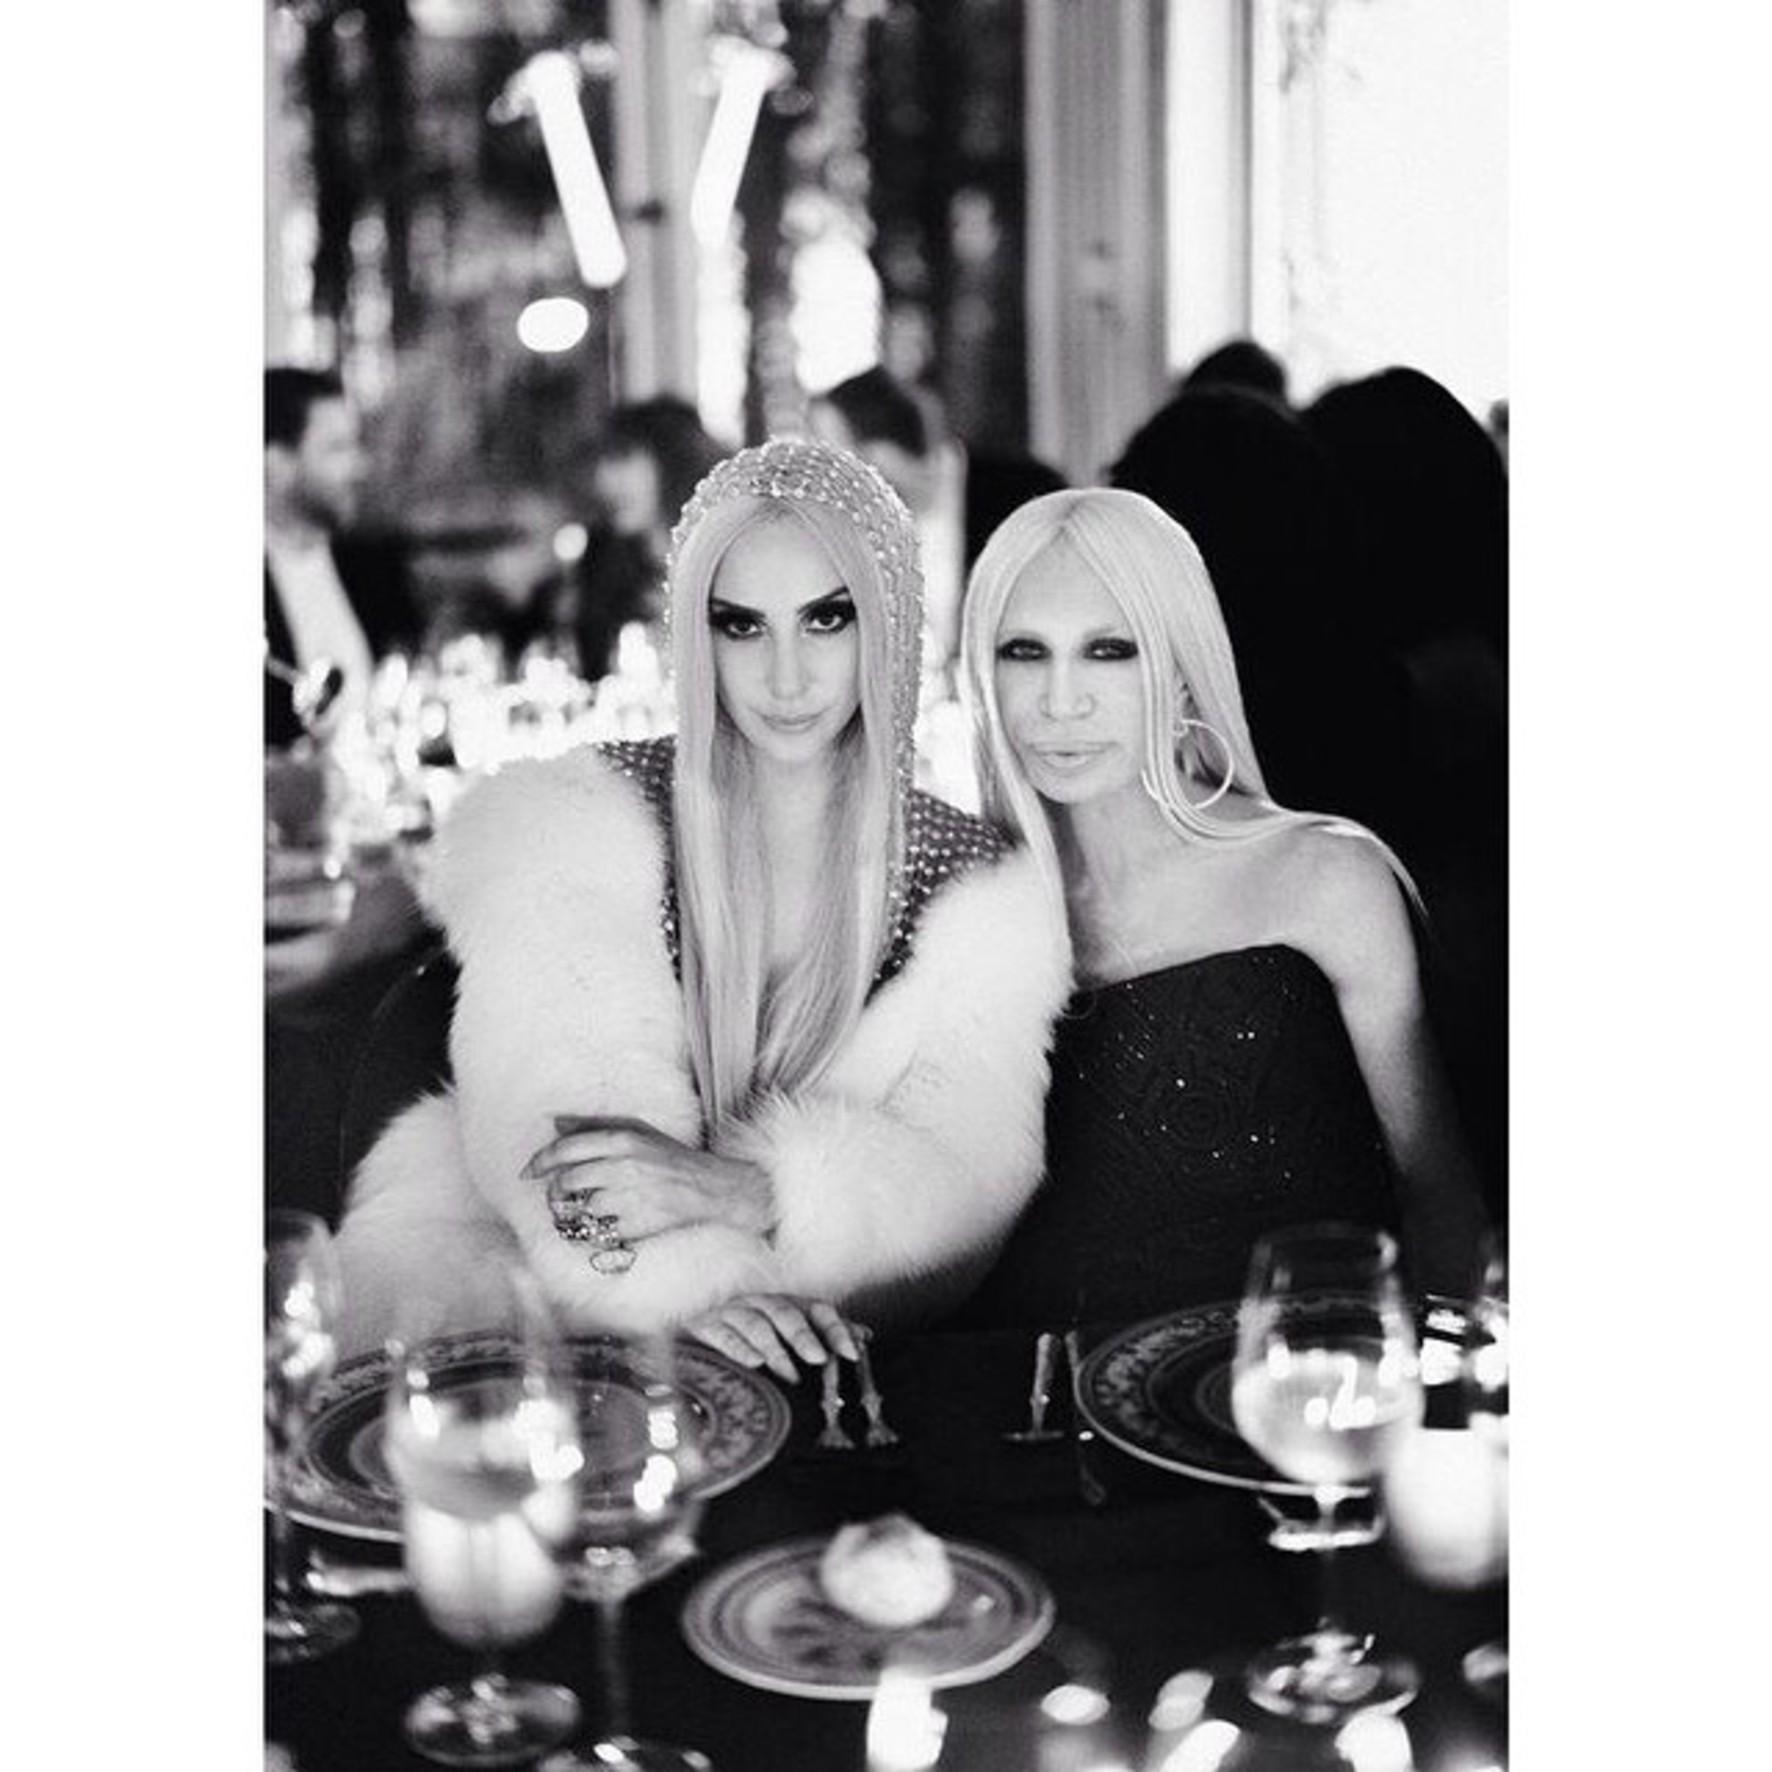 Sie koennten Mutter und Tochter sein. Popstar Lady Gaga und Designerin Donatella Versace haben einiges gemeinsam-das Aussehen, italienische Wurzel und einen ordentlichen Touch Extravaganz.Naja, wer weiss? // This could be mother and daughter. Popstar Lady Gaga and designer Donatella Versace have something in common - the look, Italian roots and a big touch of extravagance. Well, who knows?, Image: 217282553, License: Rights-managed, Restrictions: , Model Release: no, Credit line: Profimedia, Face To Face A